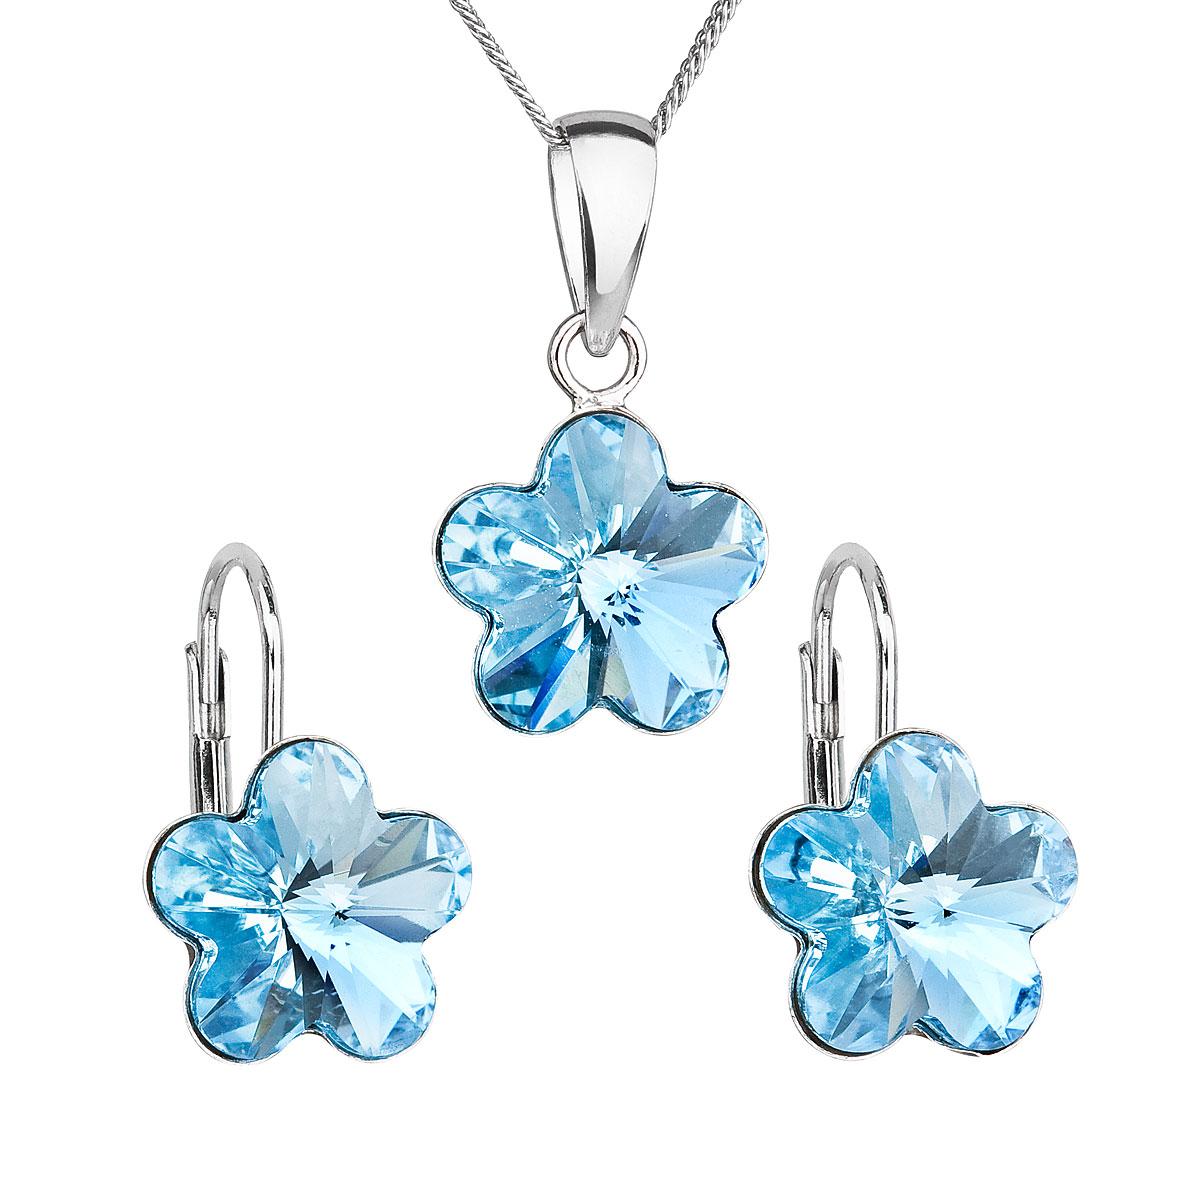 Sada šperkov s krištáľmi Swarovski náušnice, retiazka a prívesok modrý kvietok 39143.3